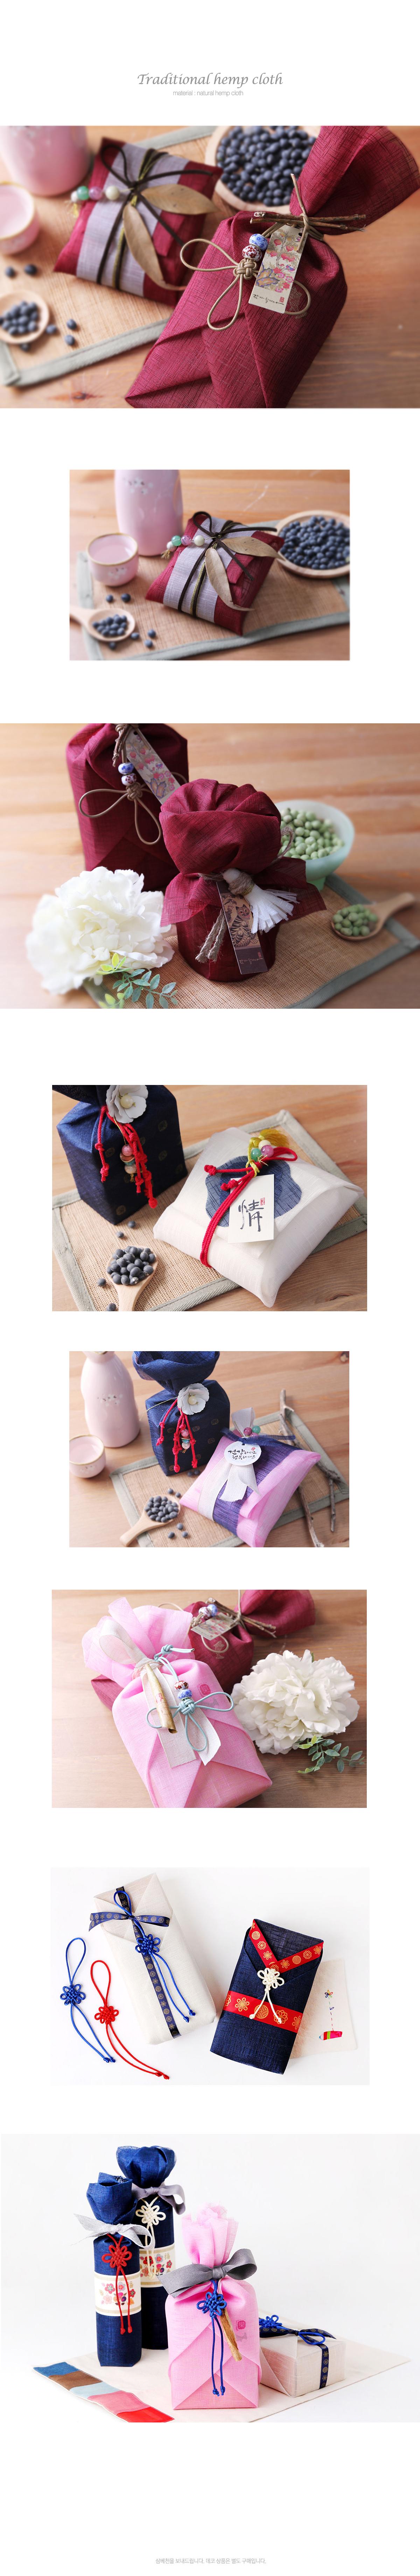 전통 삼베 포장천 (자주색) - 인디고샵, 2,000원, 보자기/싸개, 보자기/싸개